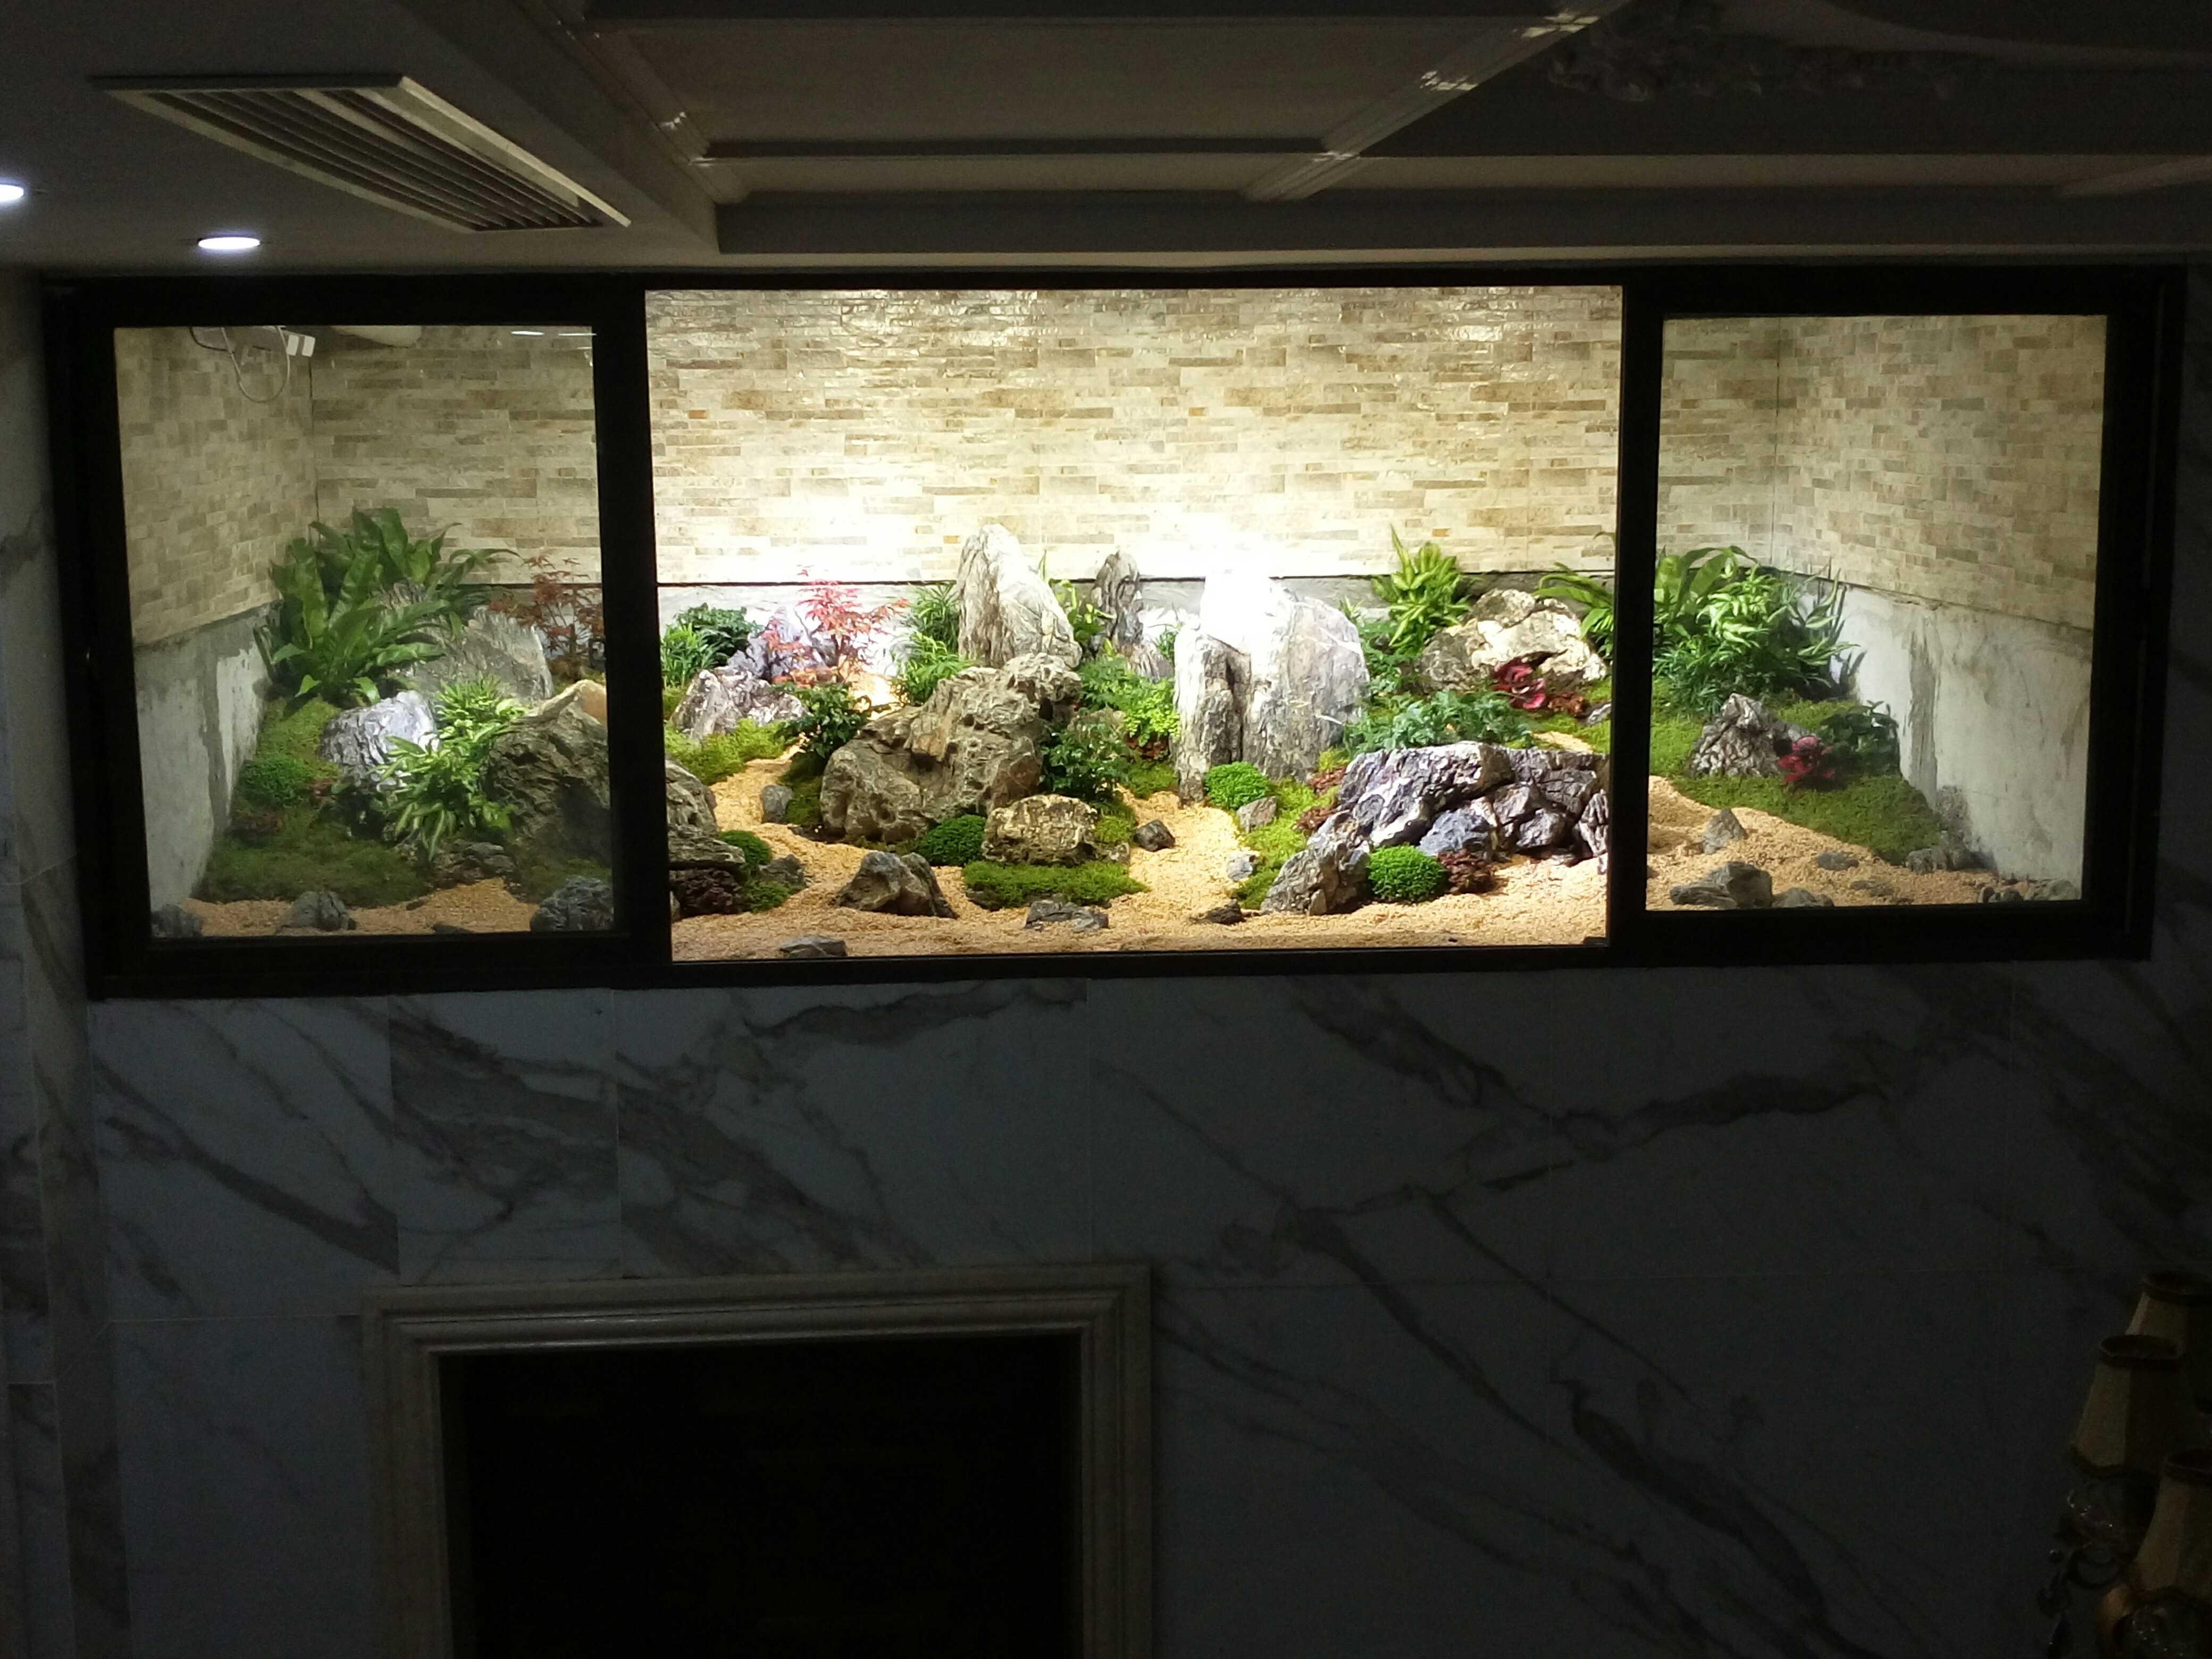 欧式风格别墅装修地下室通风口景观设计